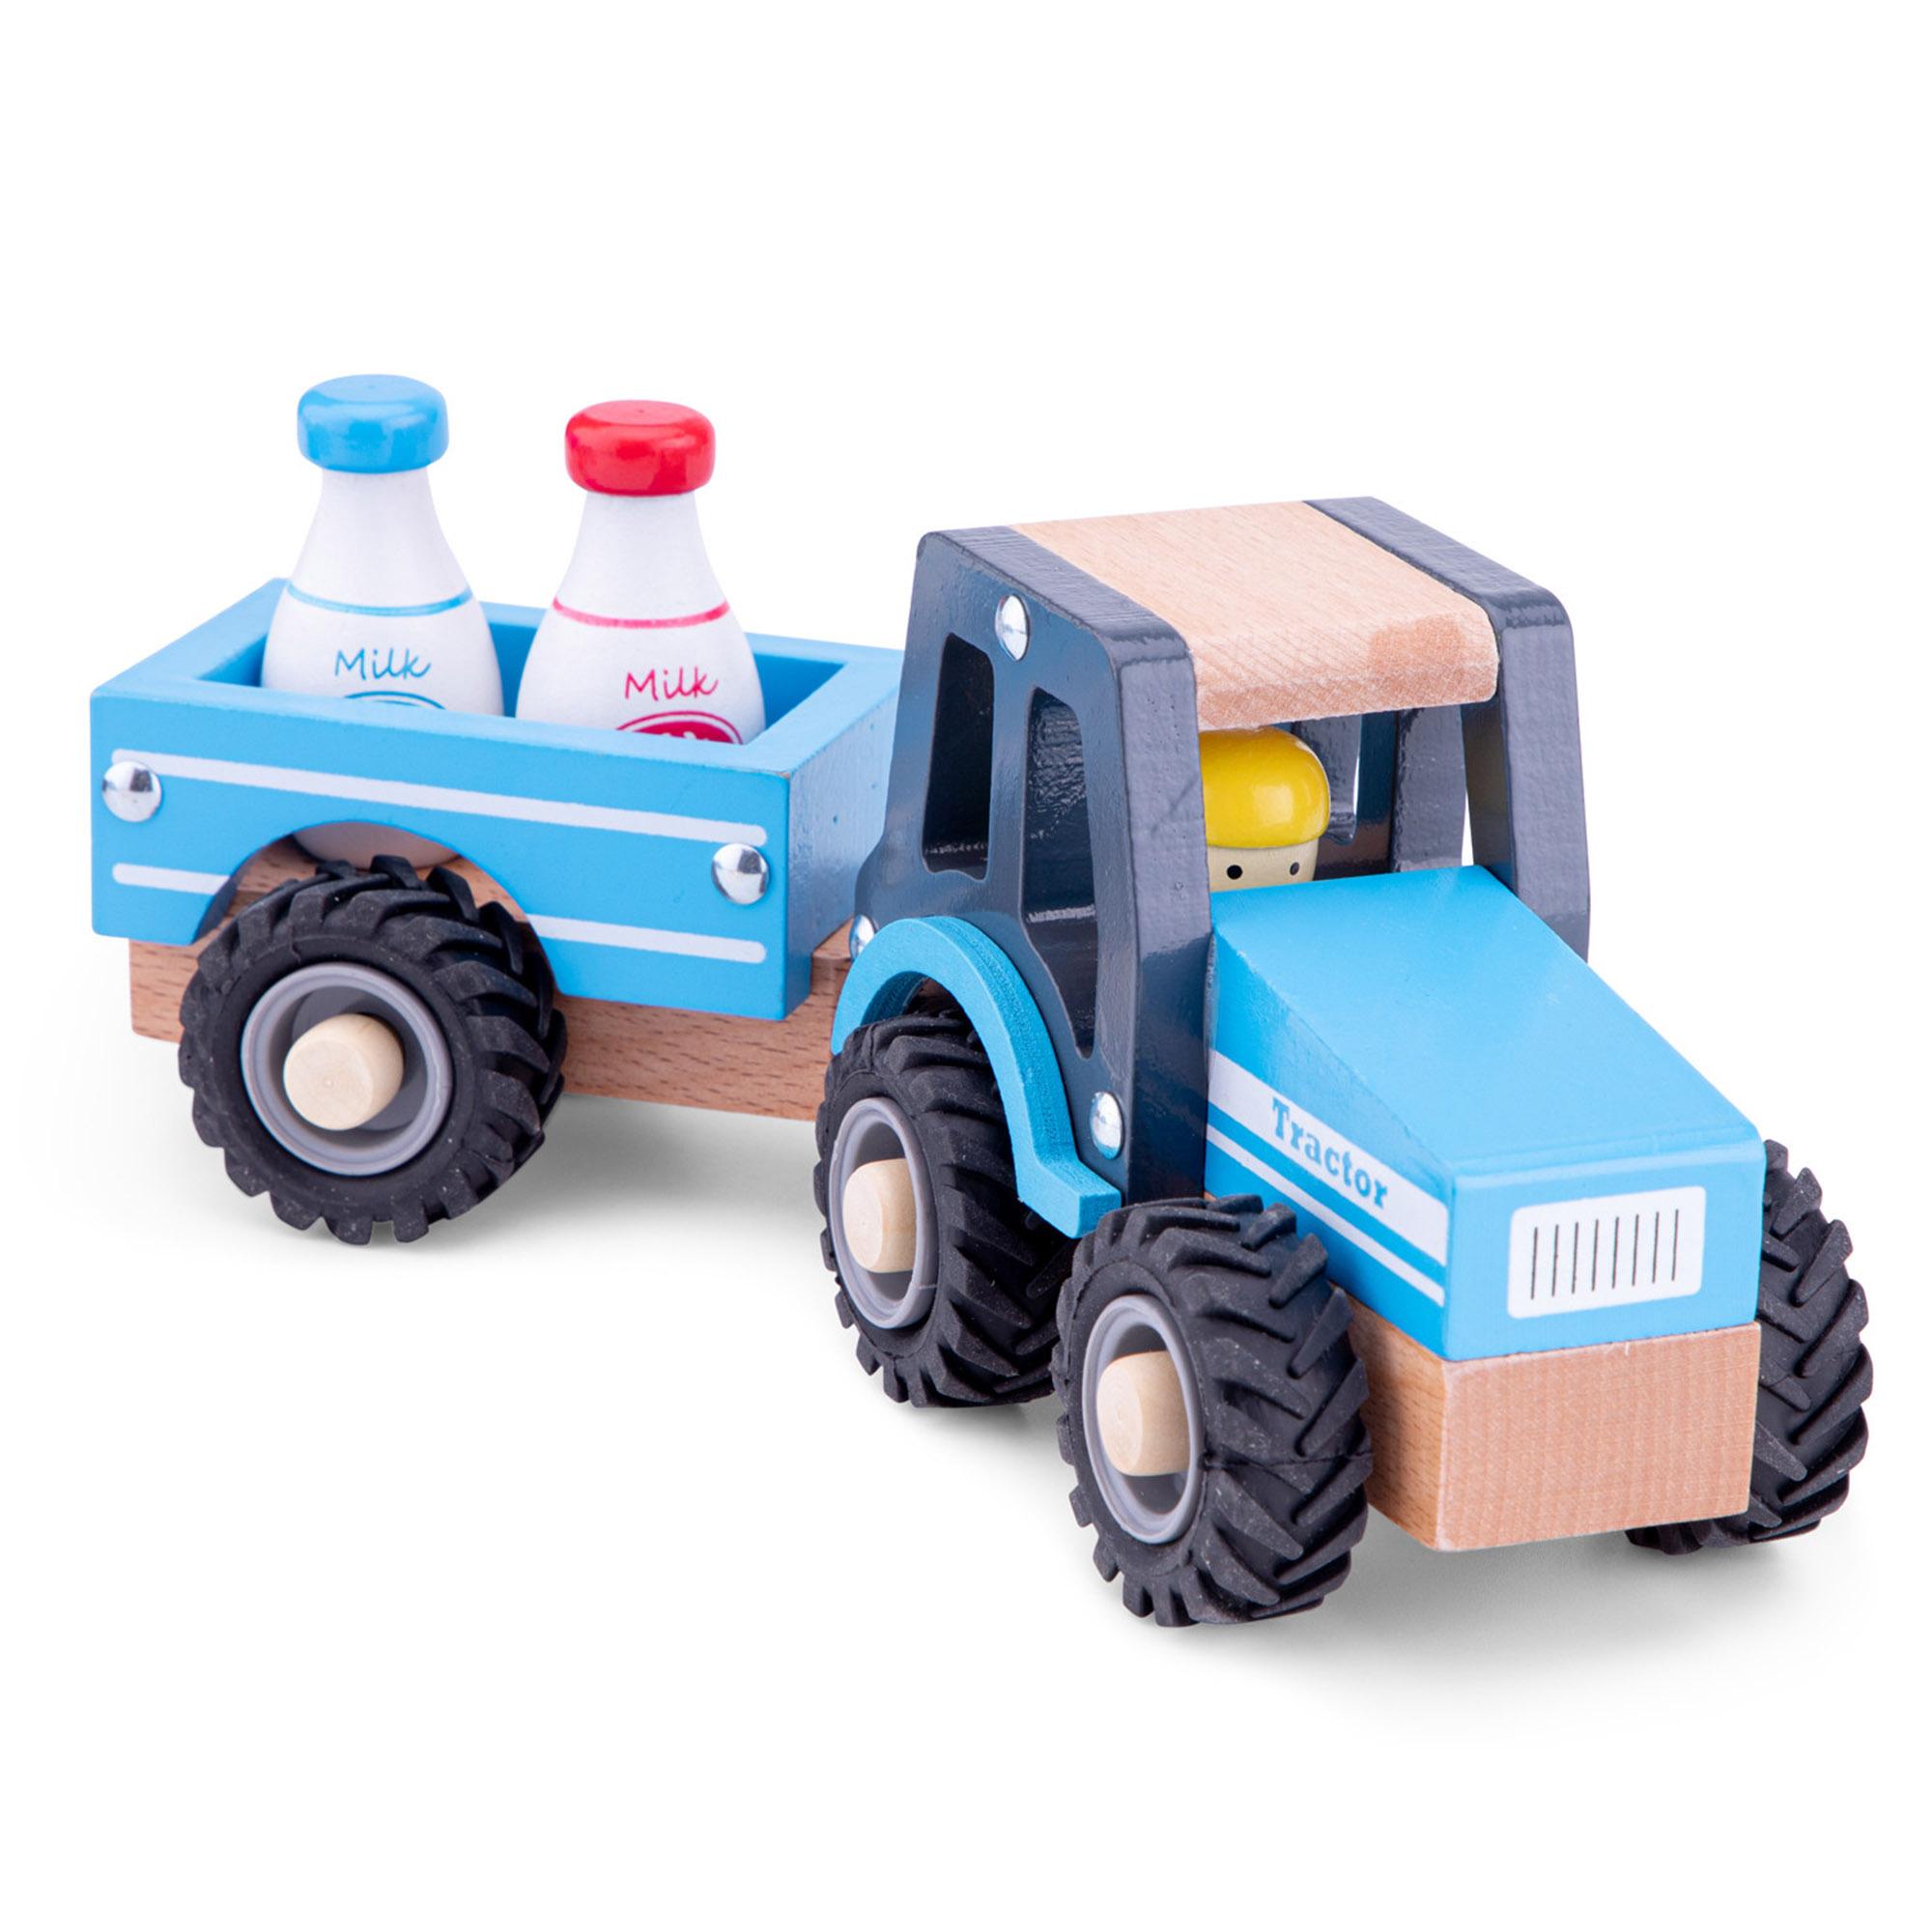 Трактор с прицепом New Classic Toys молоко фото